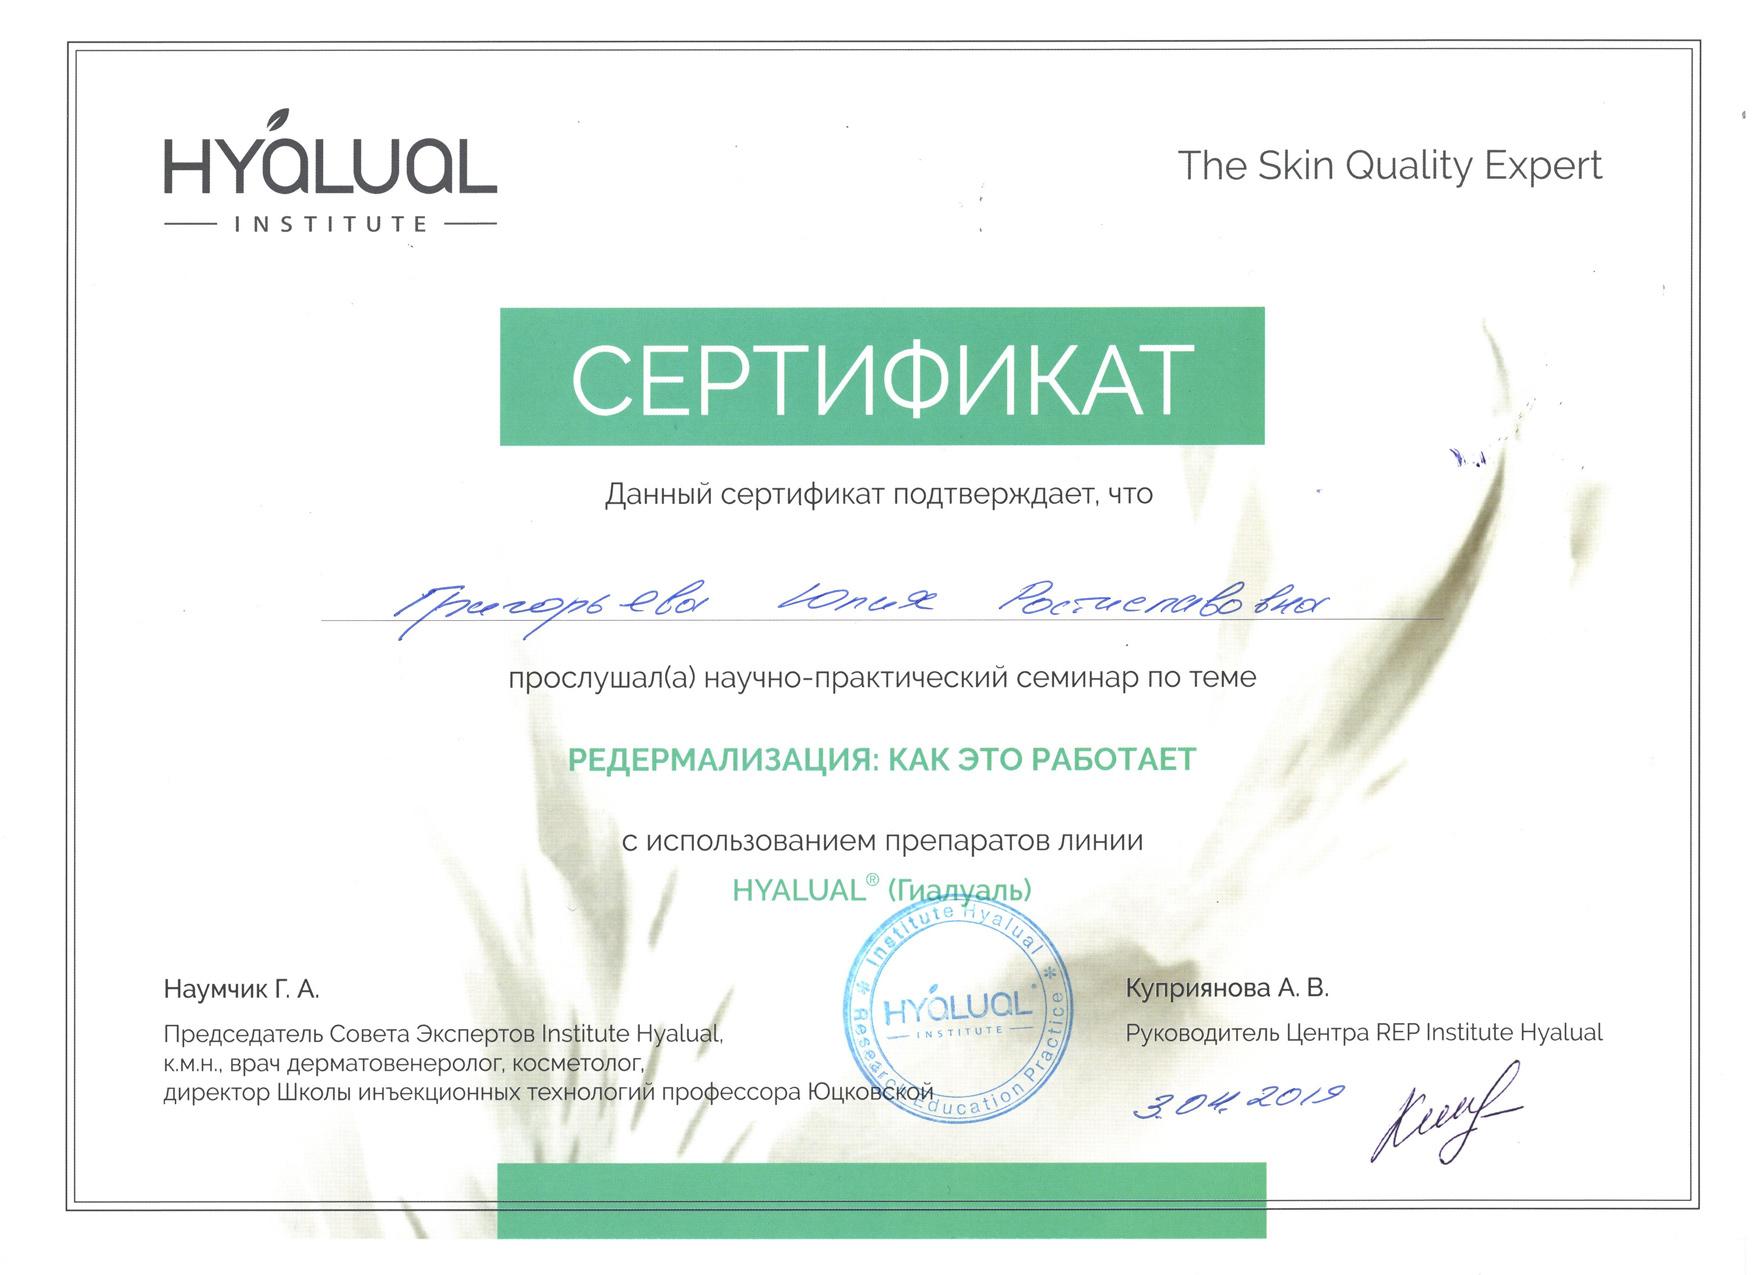 Сертификат — Редермализация. Григорьева Юлия Ростиславовна